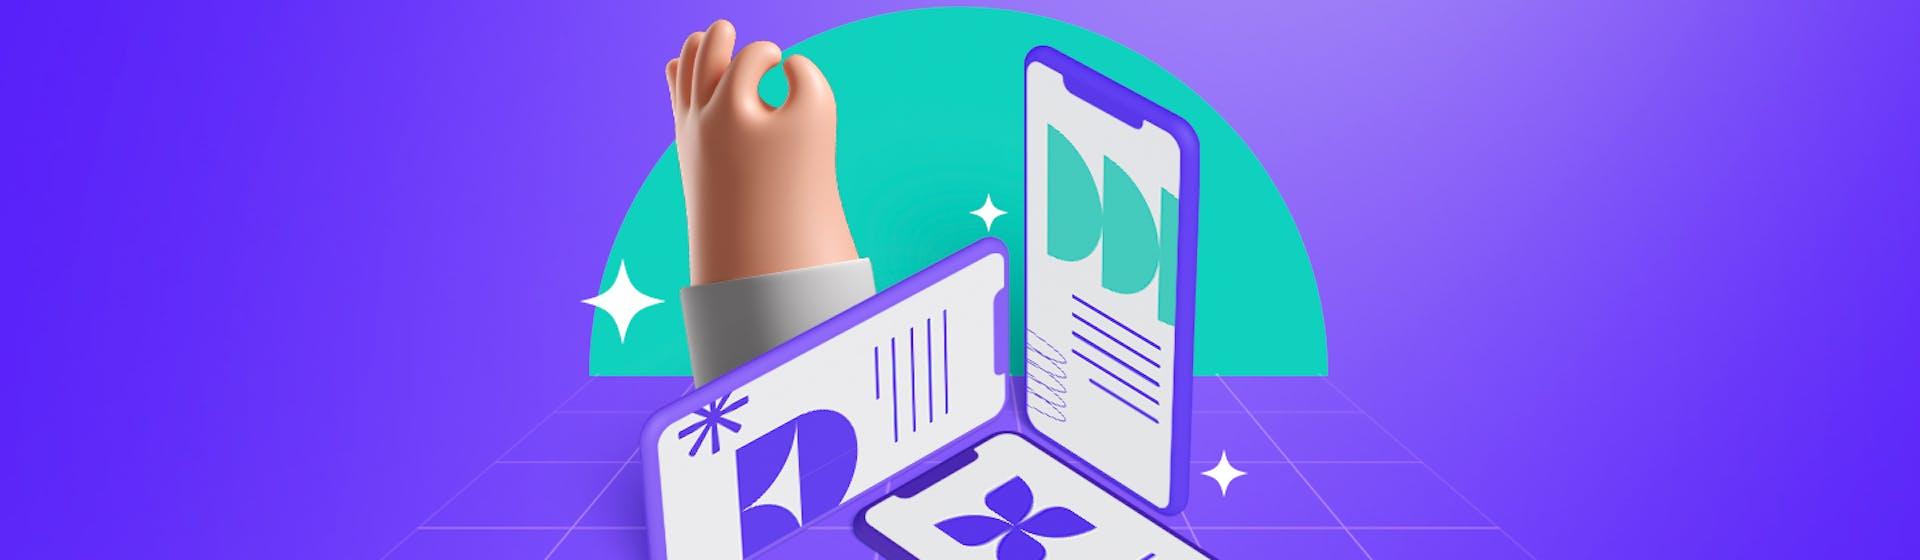 ¿Cómo diseñar una estrategia de app marketing? ¡Haz que las descargas de tu app se disparen!